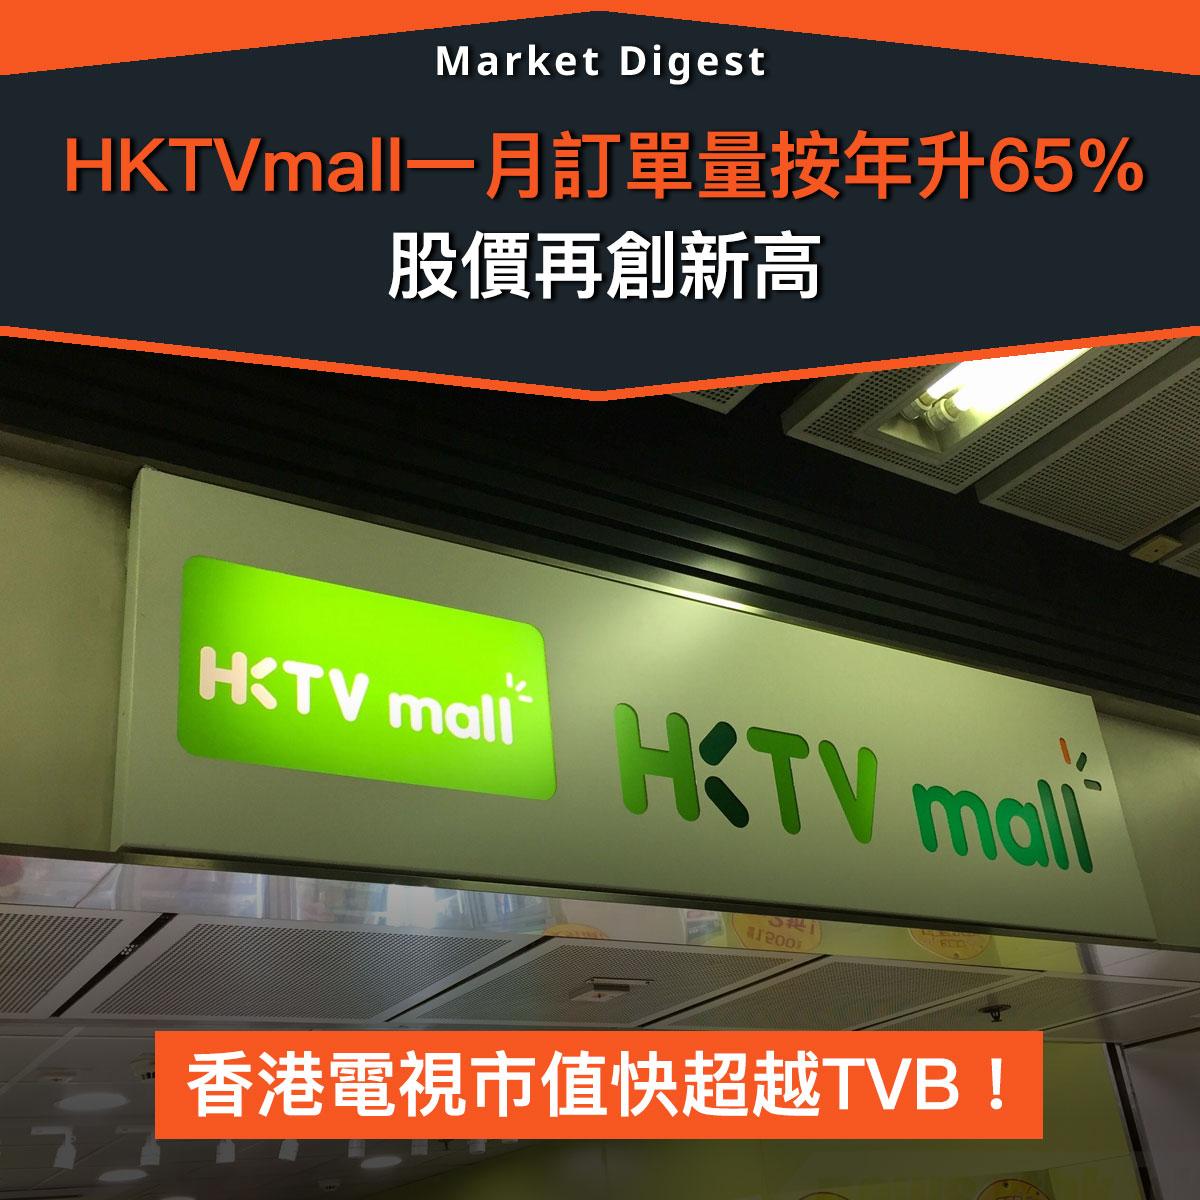 【市場熱話】HKTVmall一月訂單量按年升65%,股價再創新高